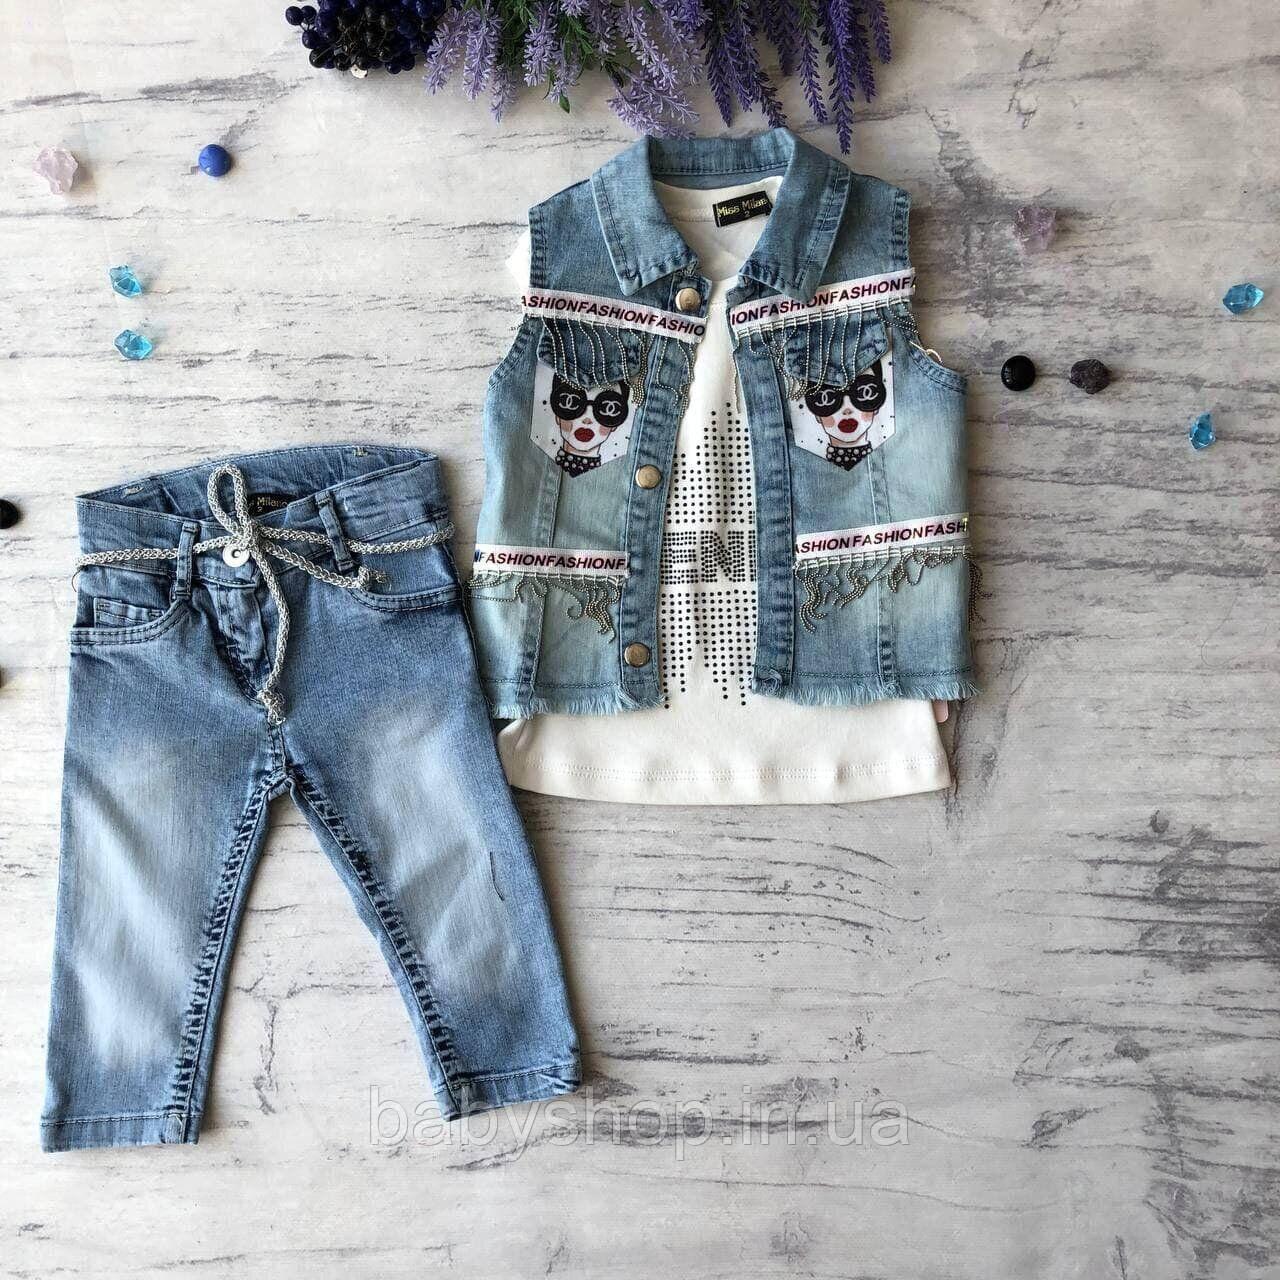 Детский летний джинсовый костюм на девочку 810. Размер 92 см, 98 см, 104 см, 110 см